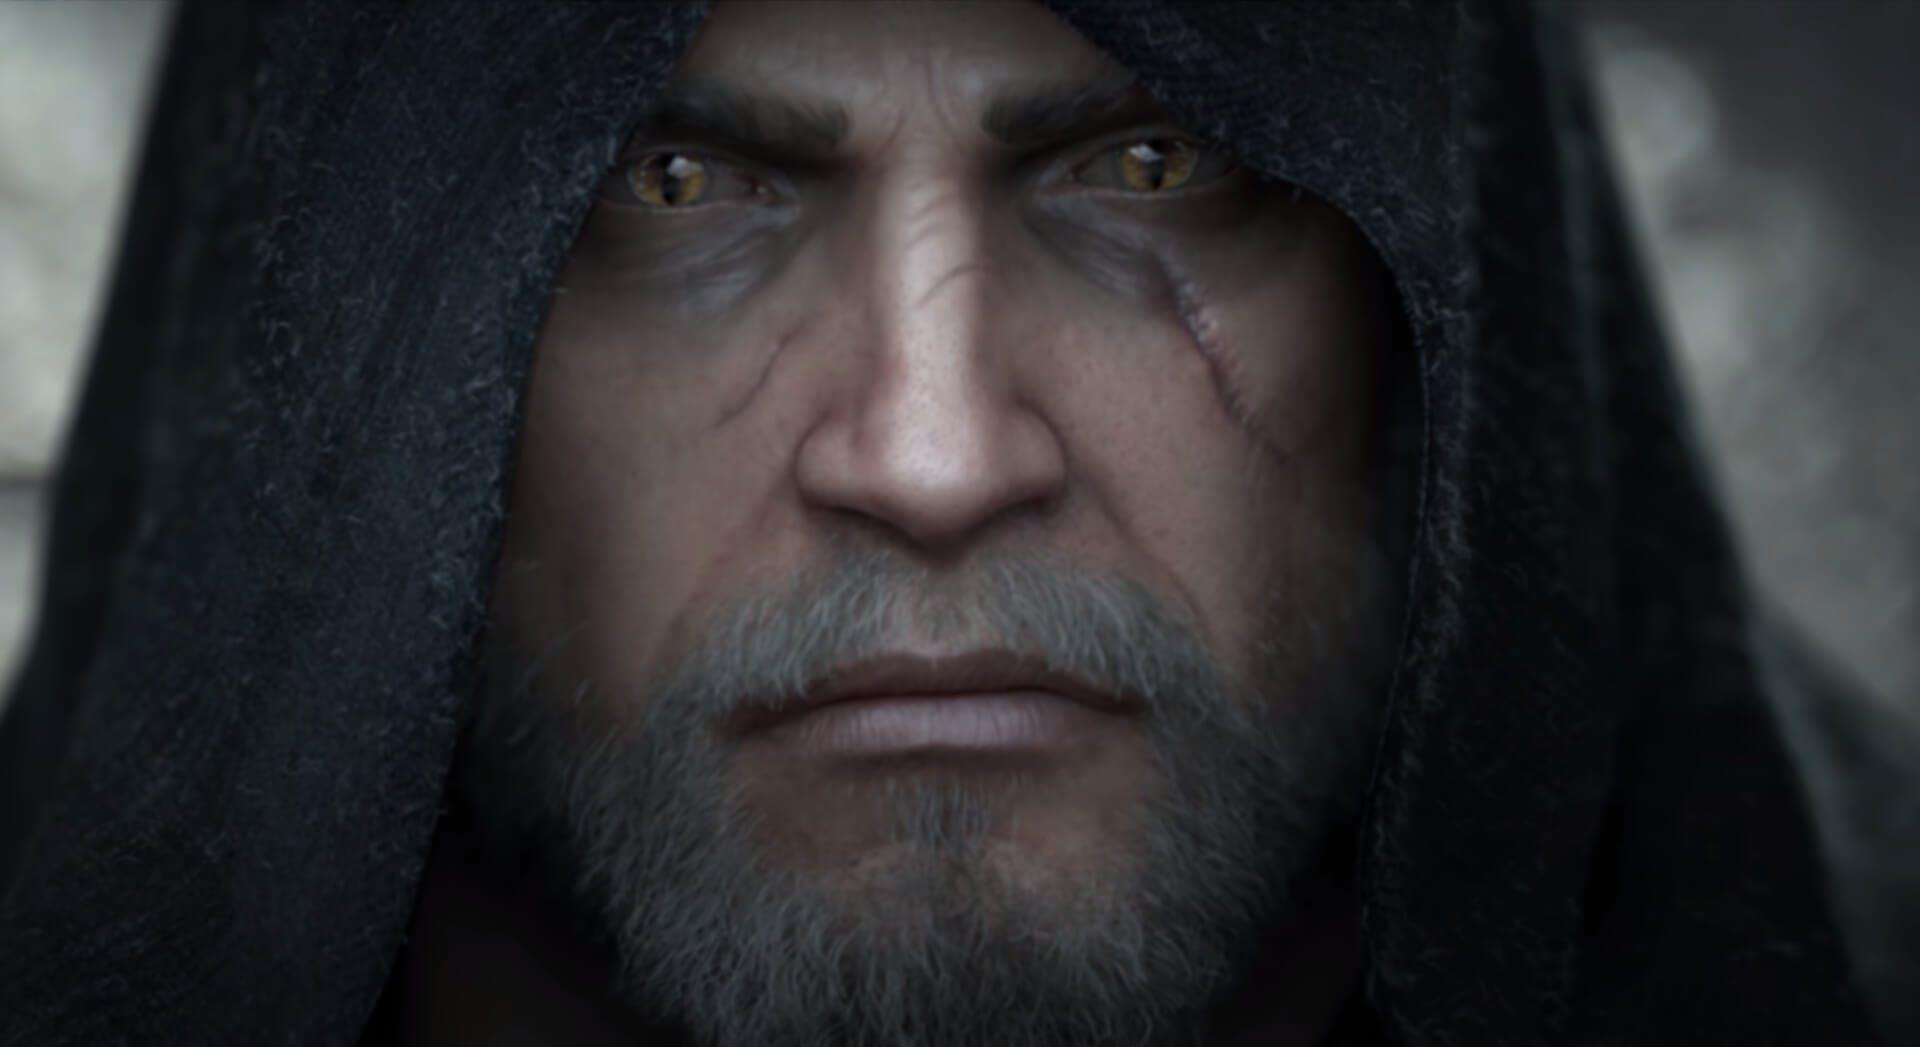 Geralt - eyes